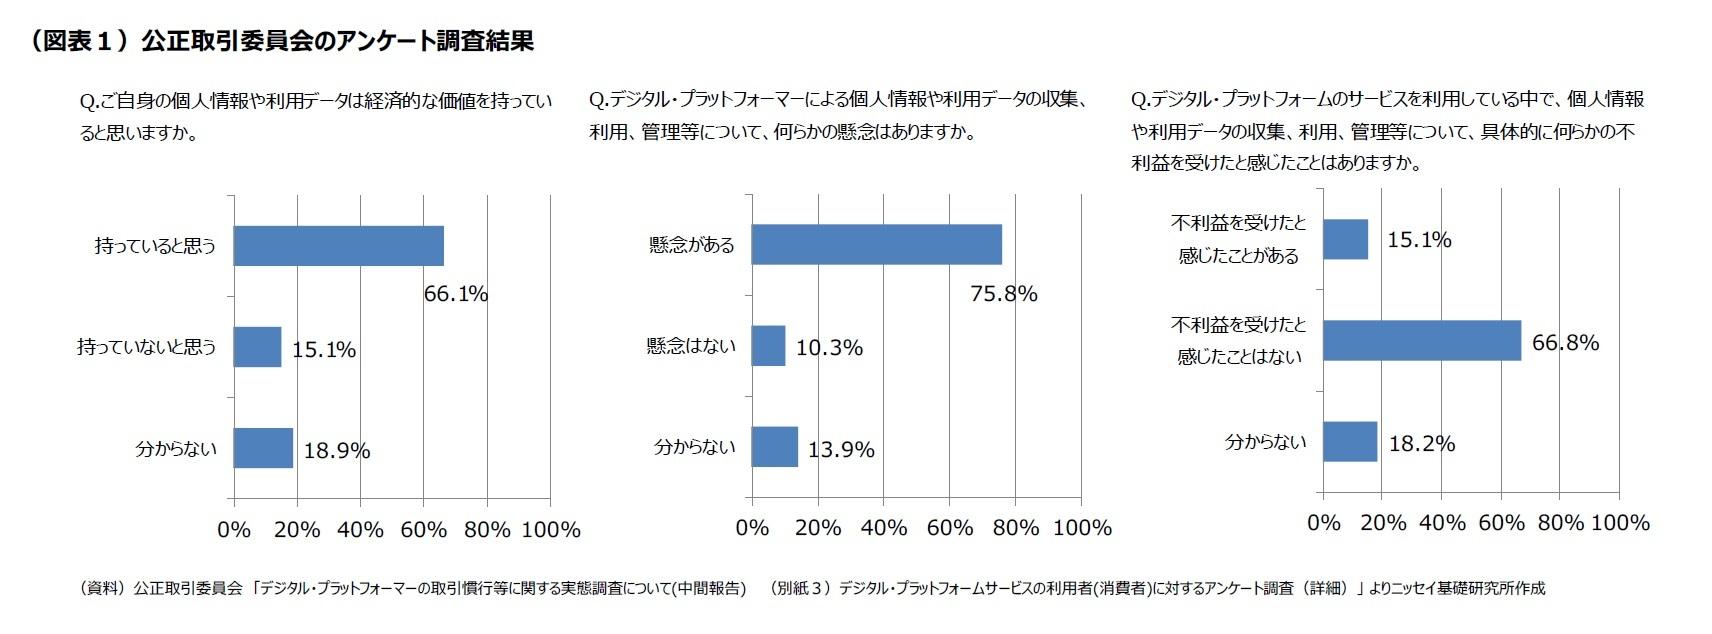 (図表1)公正取引委員会のアンケート調査結果